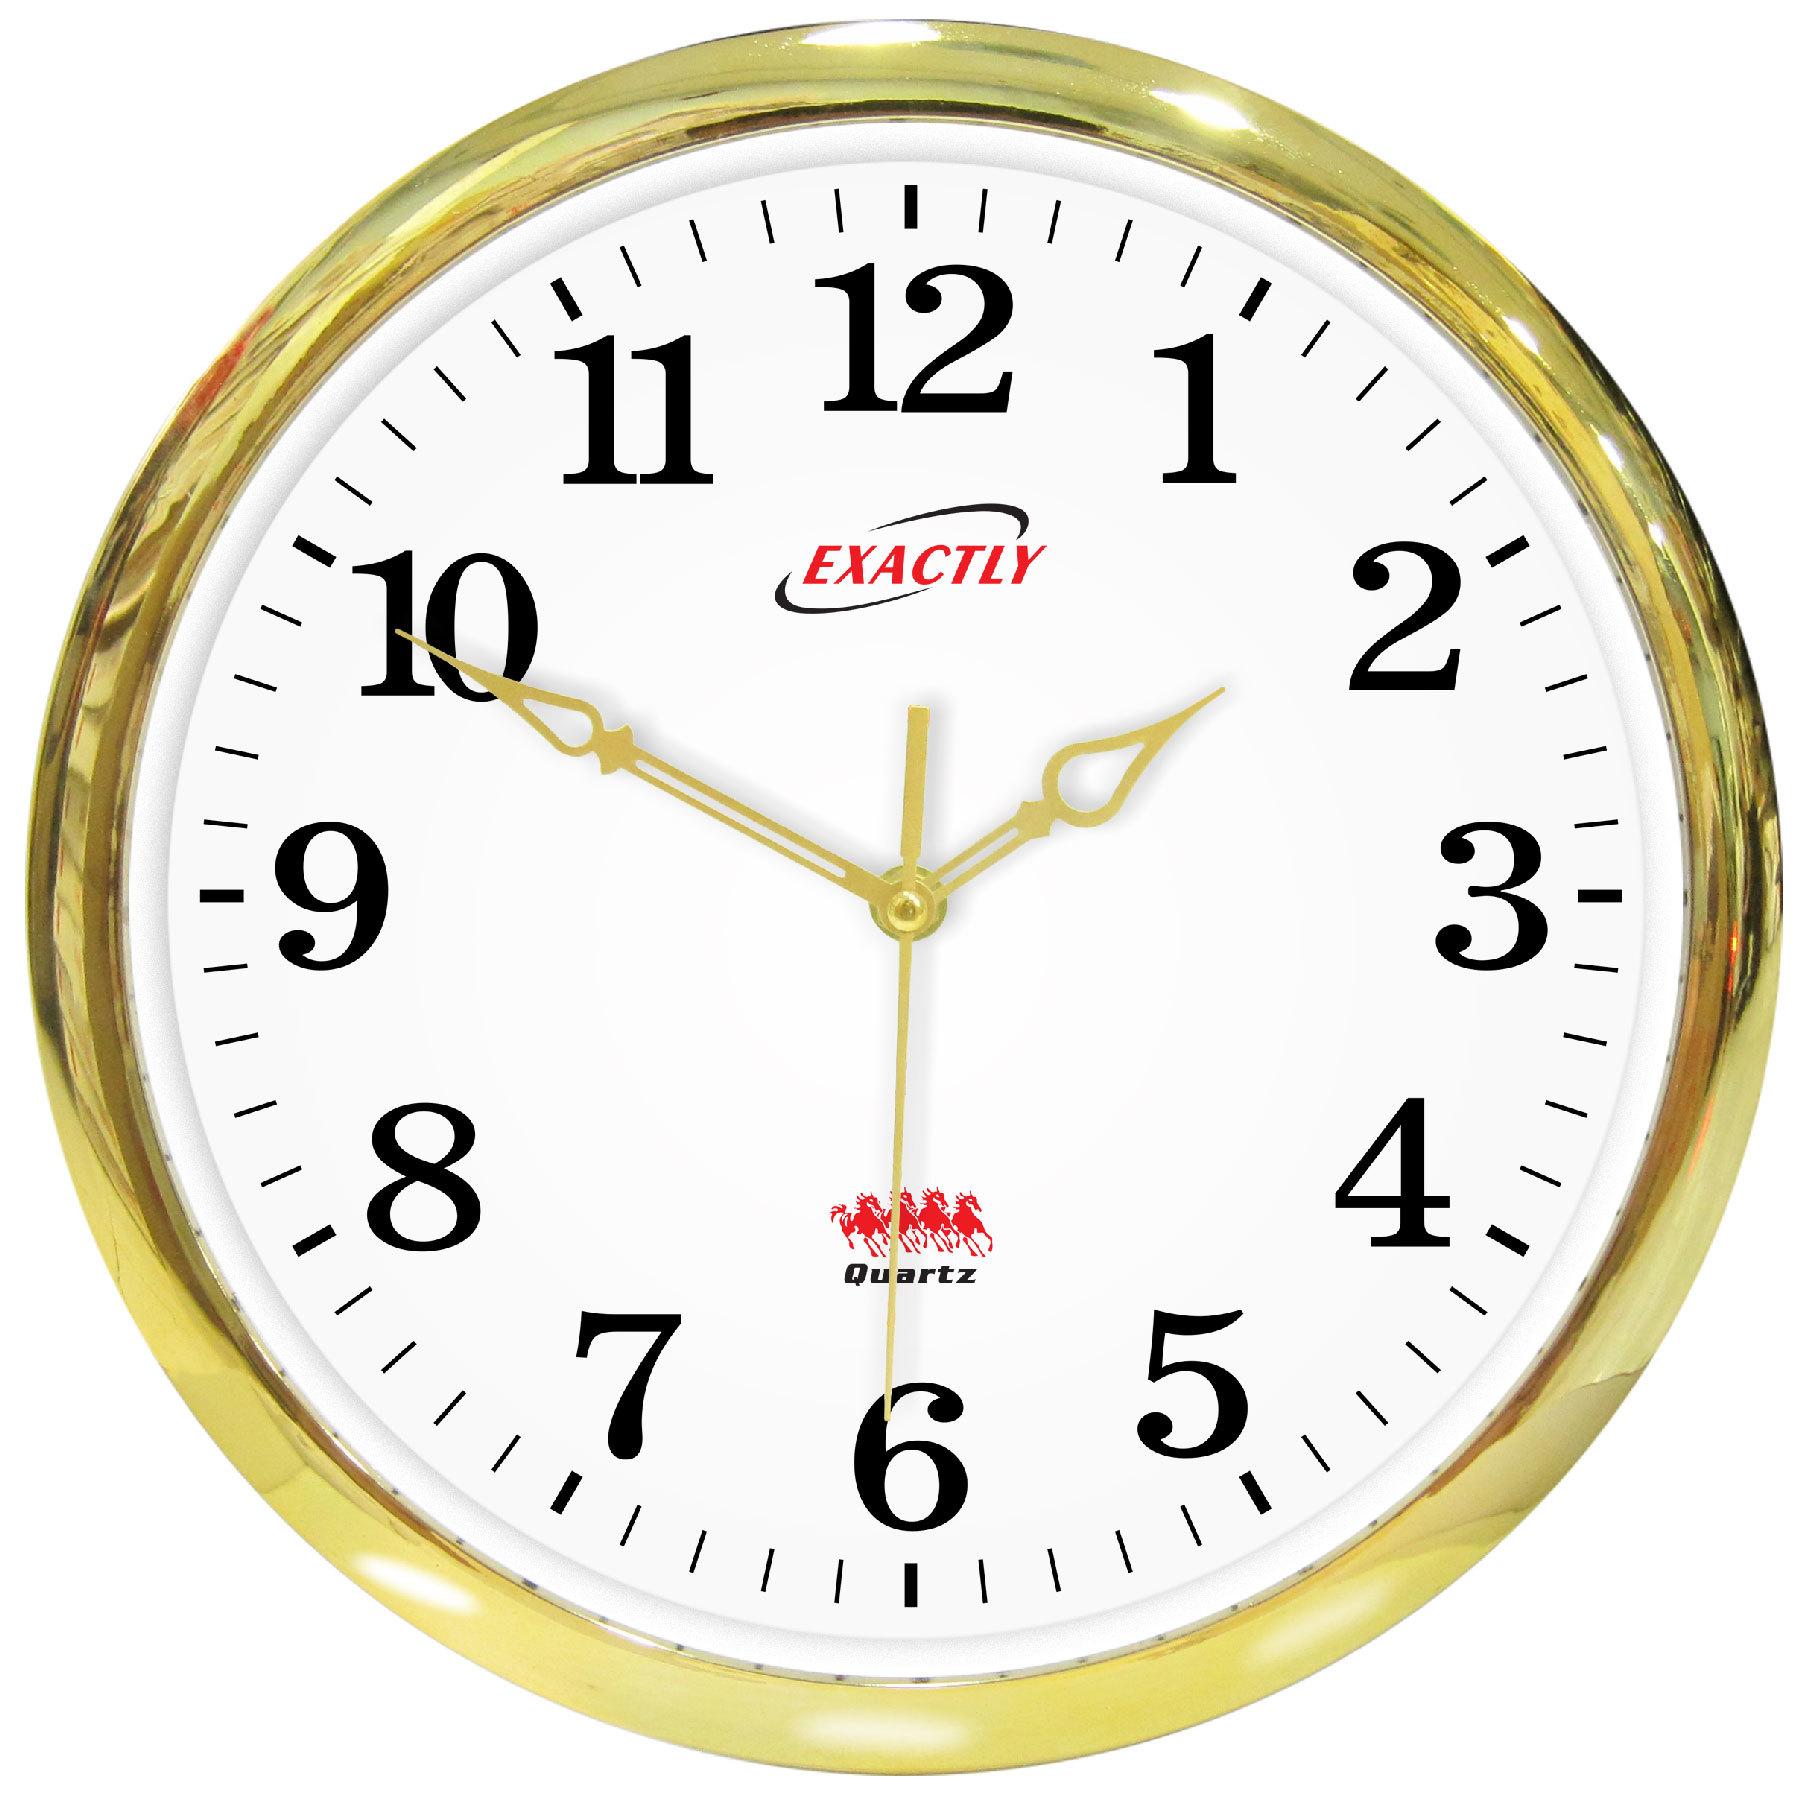 Mẫu sản phẩm Đồng hồ treo tường EXACTLY U460 (Xi mạ vàng)